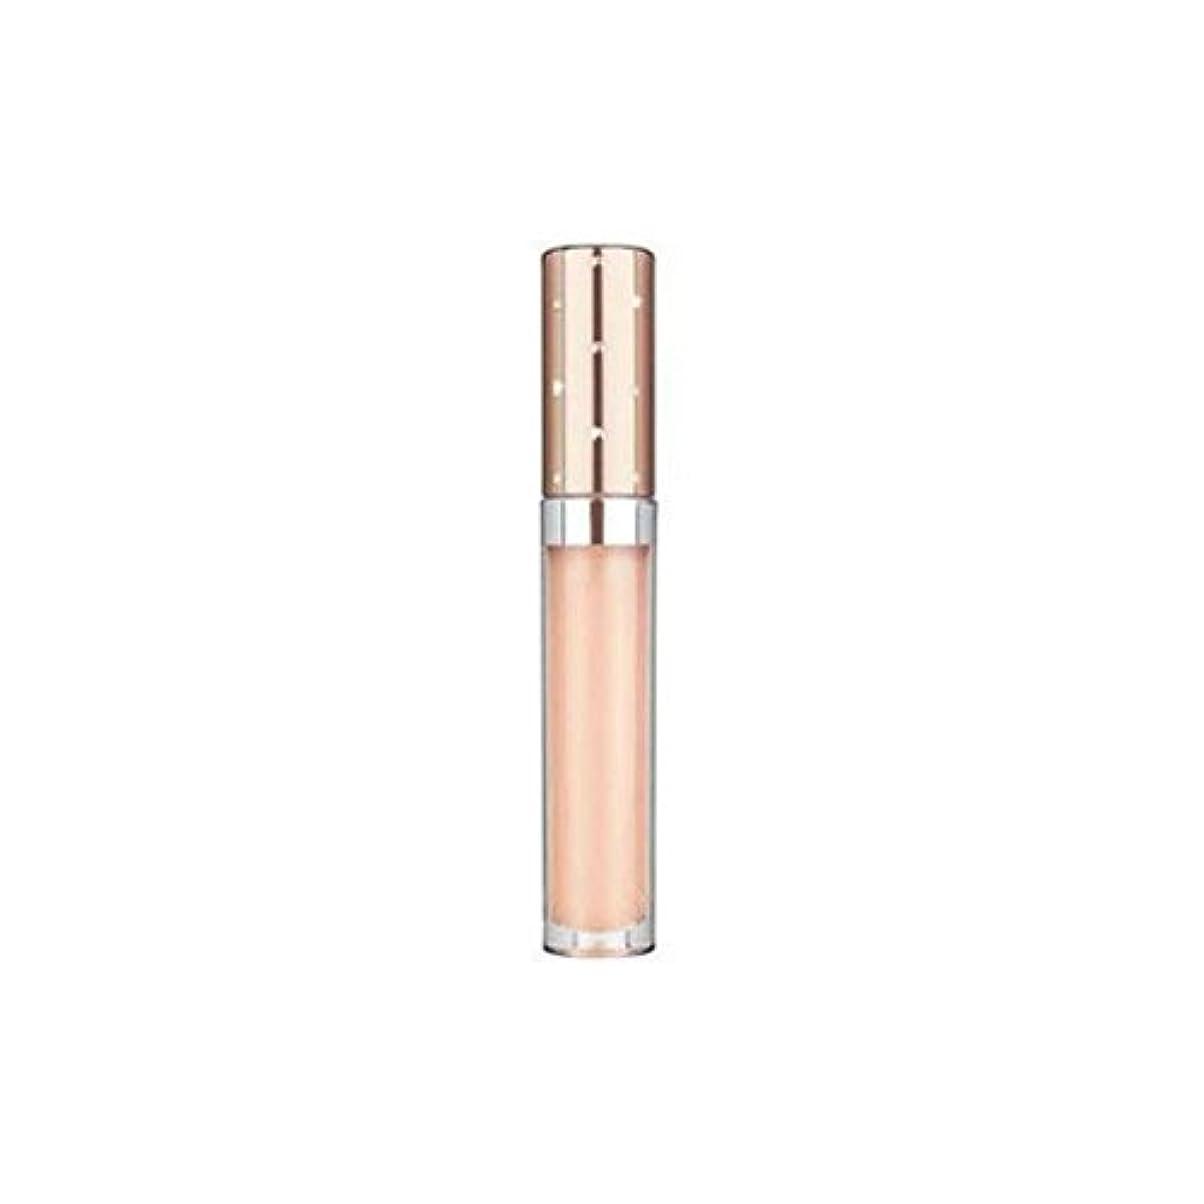 のど処分した透けて見えるNubo Instant Lip Perfection Spf15 (5ml) (Pack of 6) - インスタントリップパーフェクション15(5ミリリットル) x6 [並行輸入品]